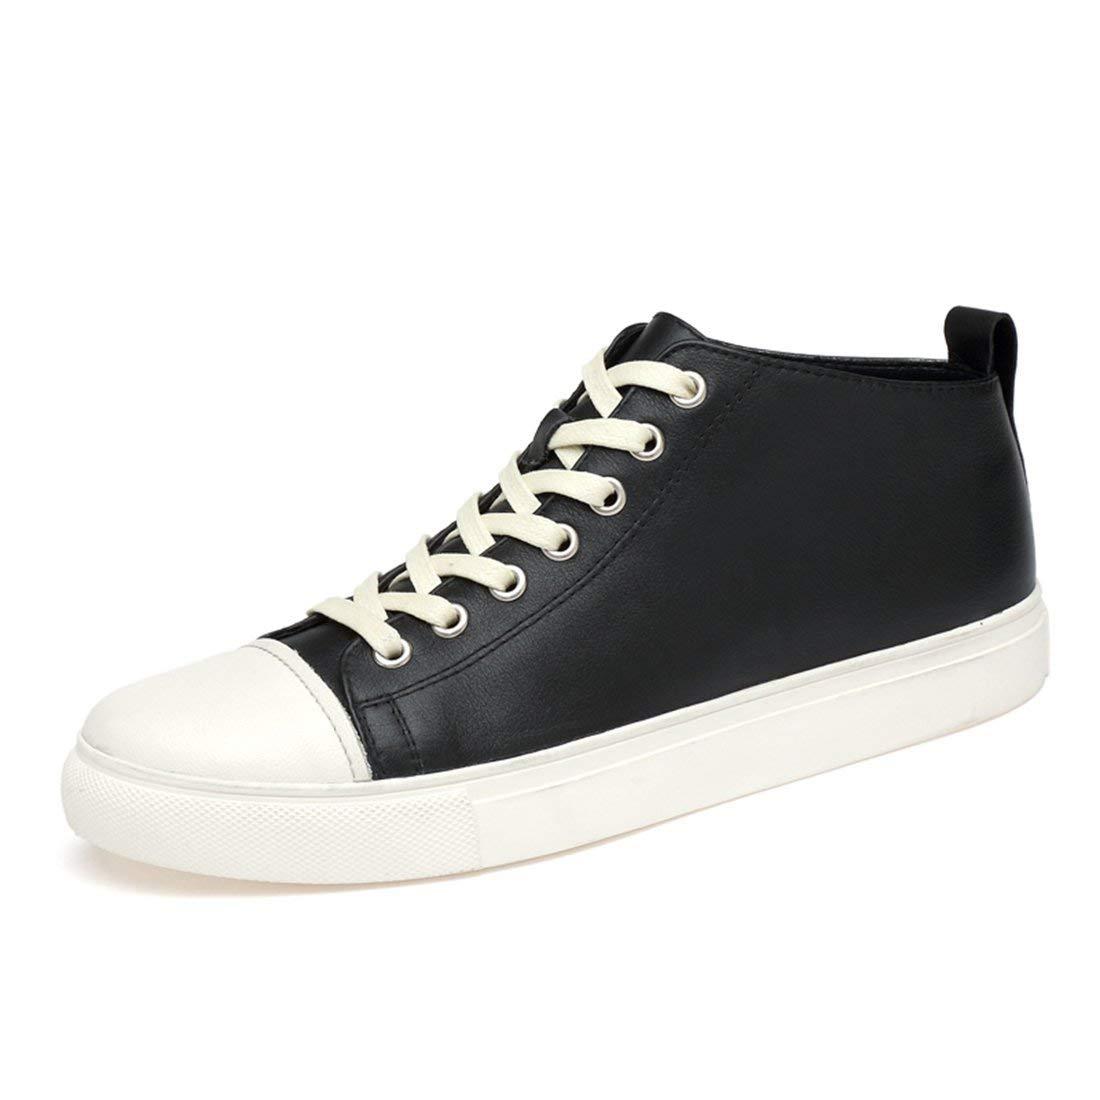 Herren Lifestyle Outdoor Gummisohle Mode Turnschuhe (Farbe     schwarz Weiß, Größe   5.5 UK) fdade4